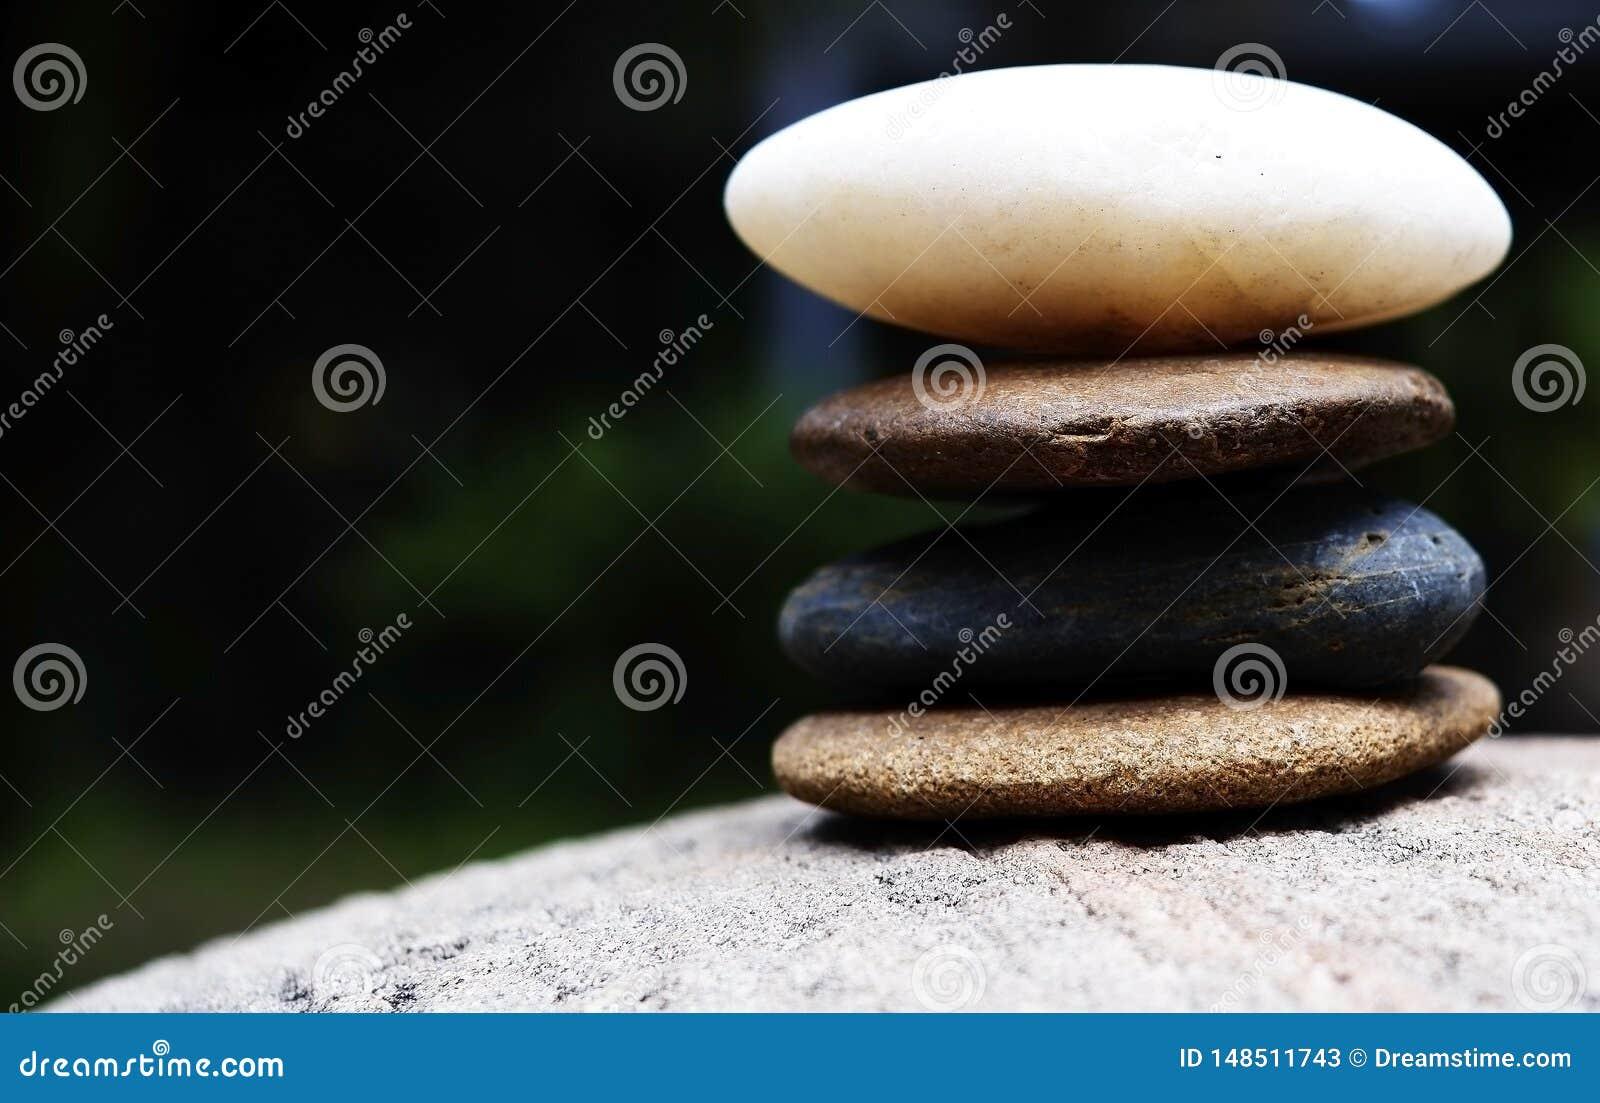 Камни возвышаются как дзэн на большом камне